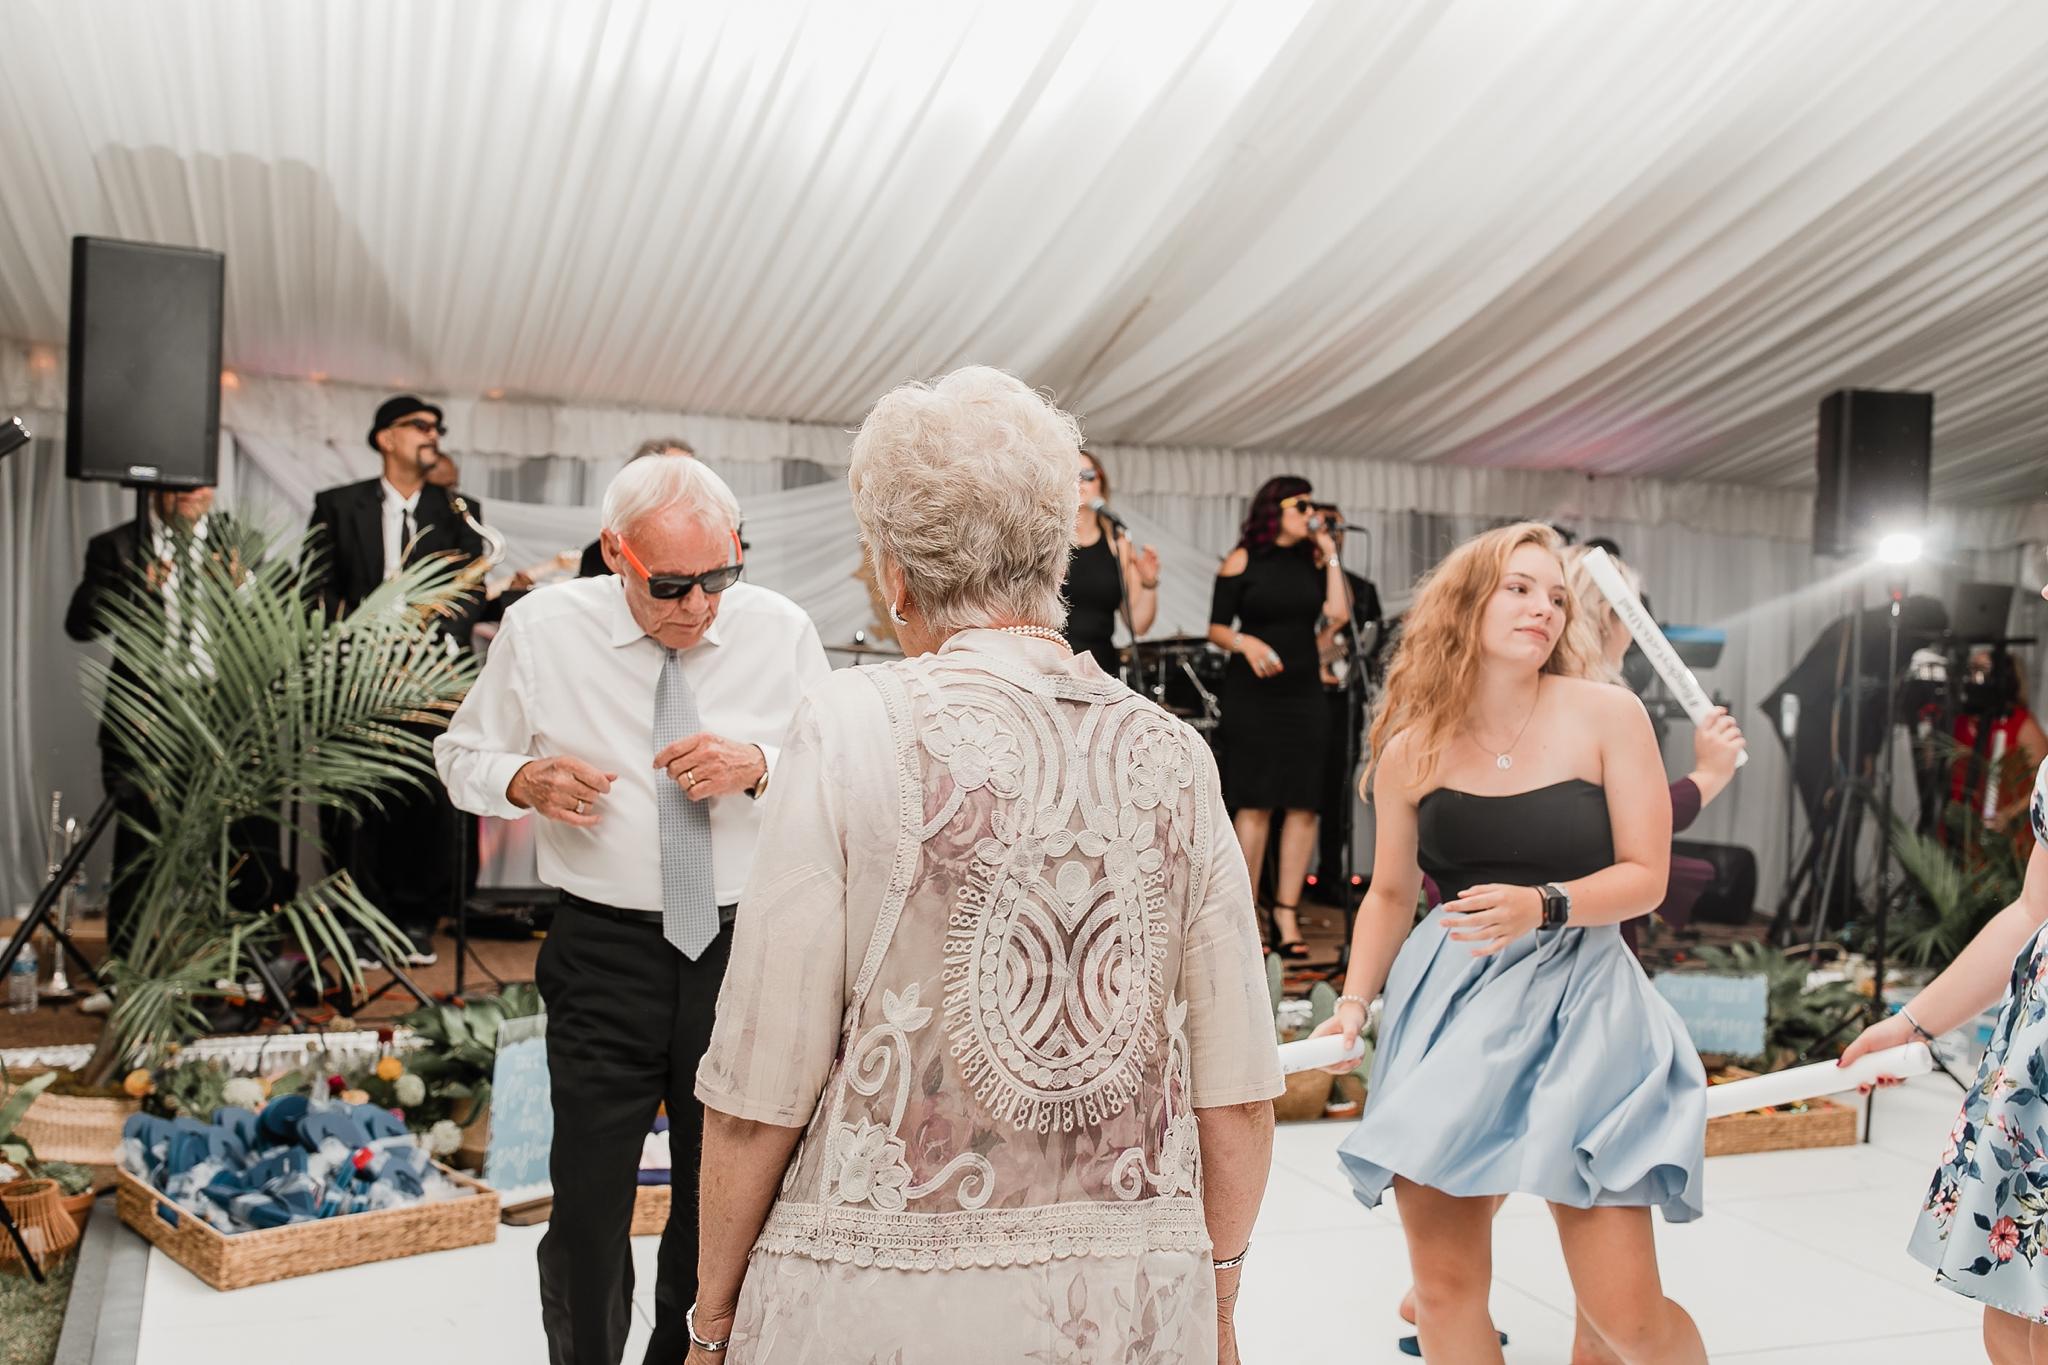 Alicia+lucia+photography+-+albuquerque+wedding+photographer+-+santa+fe+wedding+photography+-+new+mexico+wedding+photographer+-+new+mexico+wedding+-+las+campanas+wedding+-+santa+fe+wedding+-+maximalist+wedding+-+destination+wedding_0159.jpg